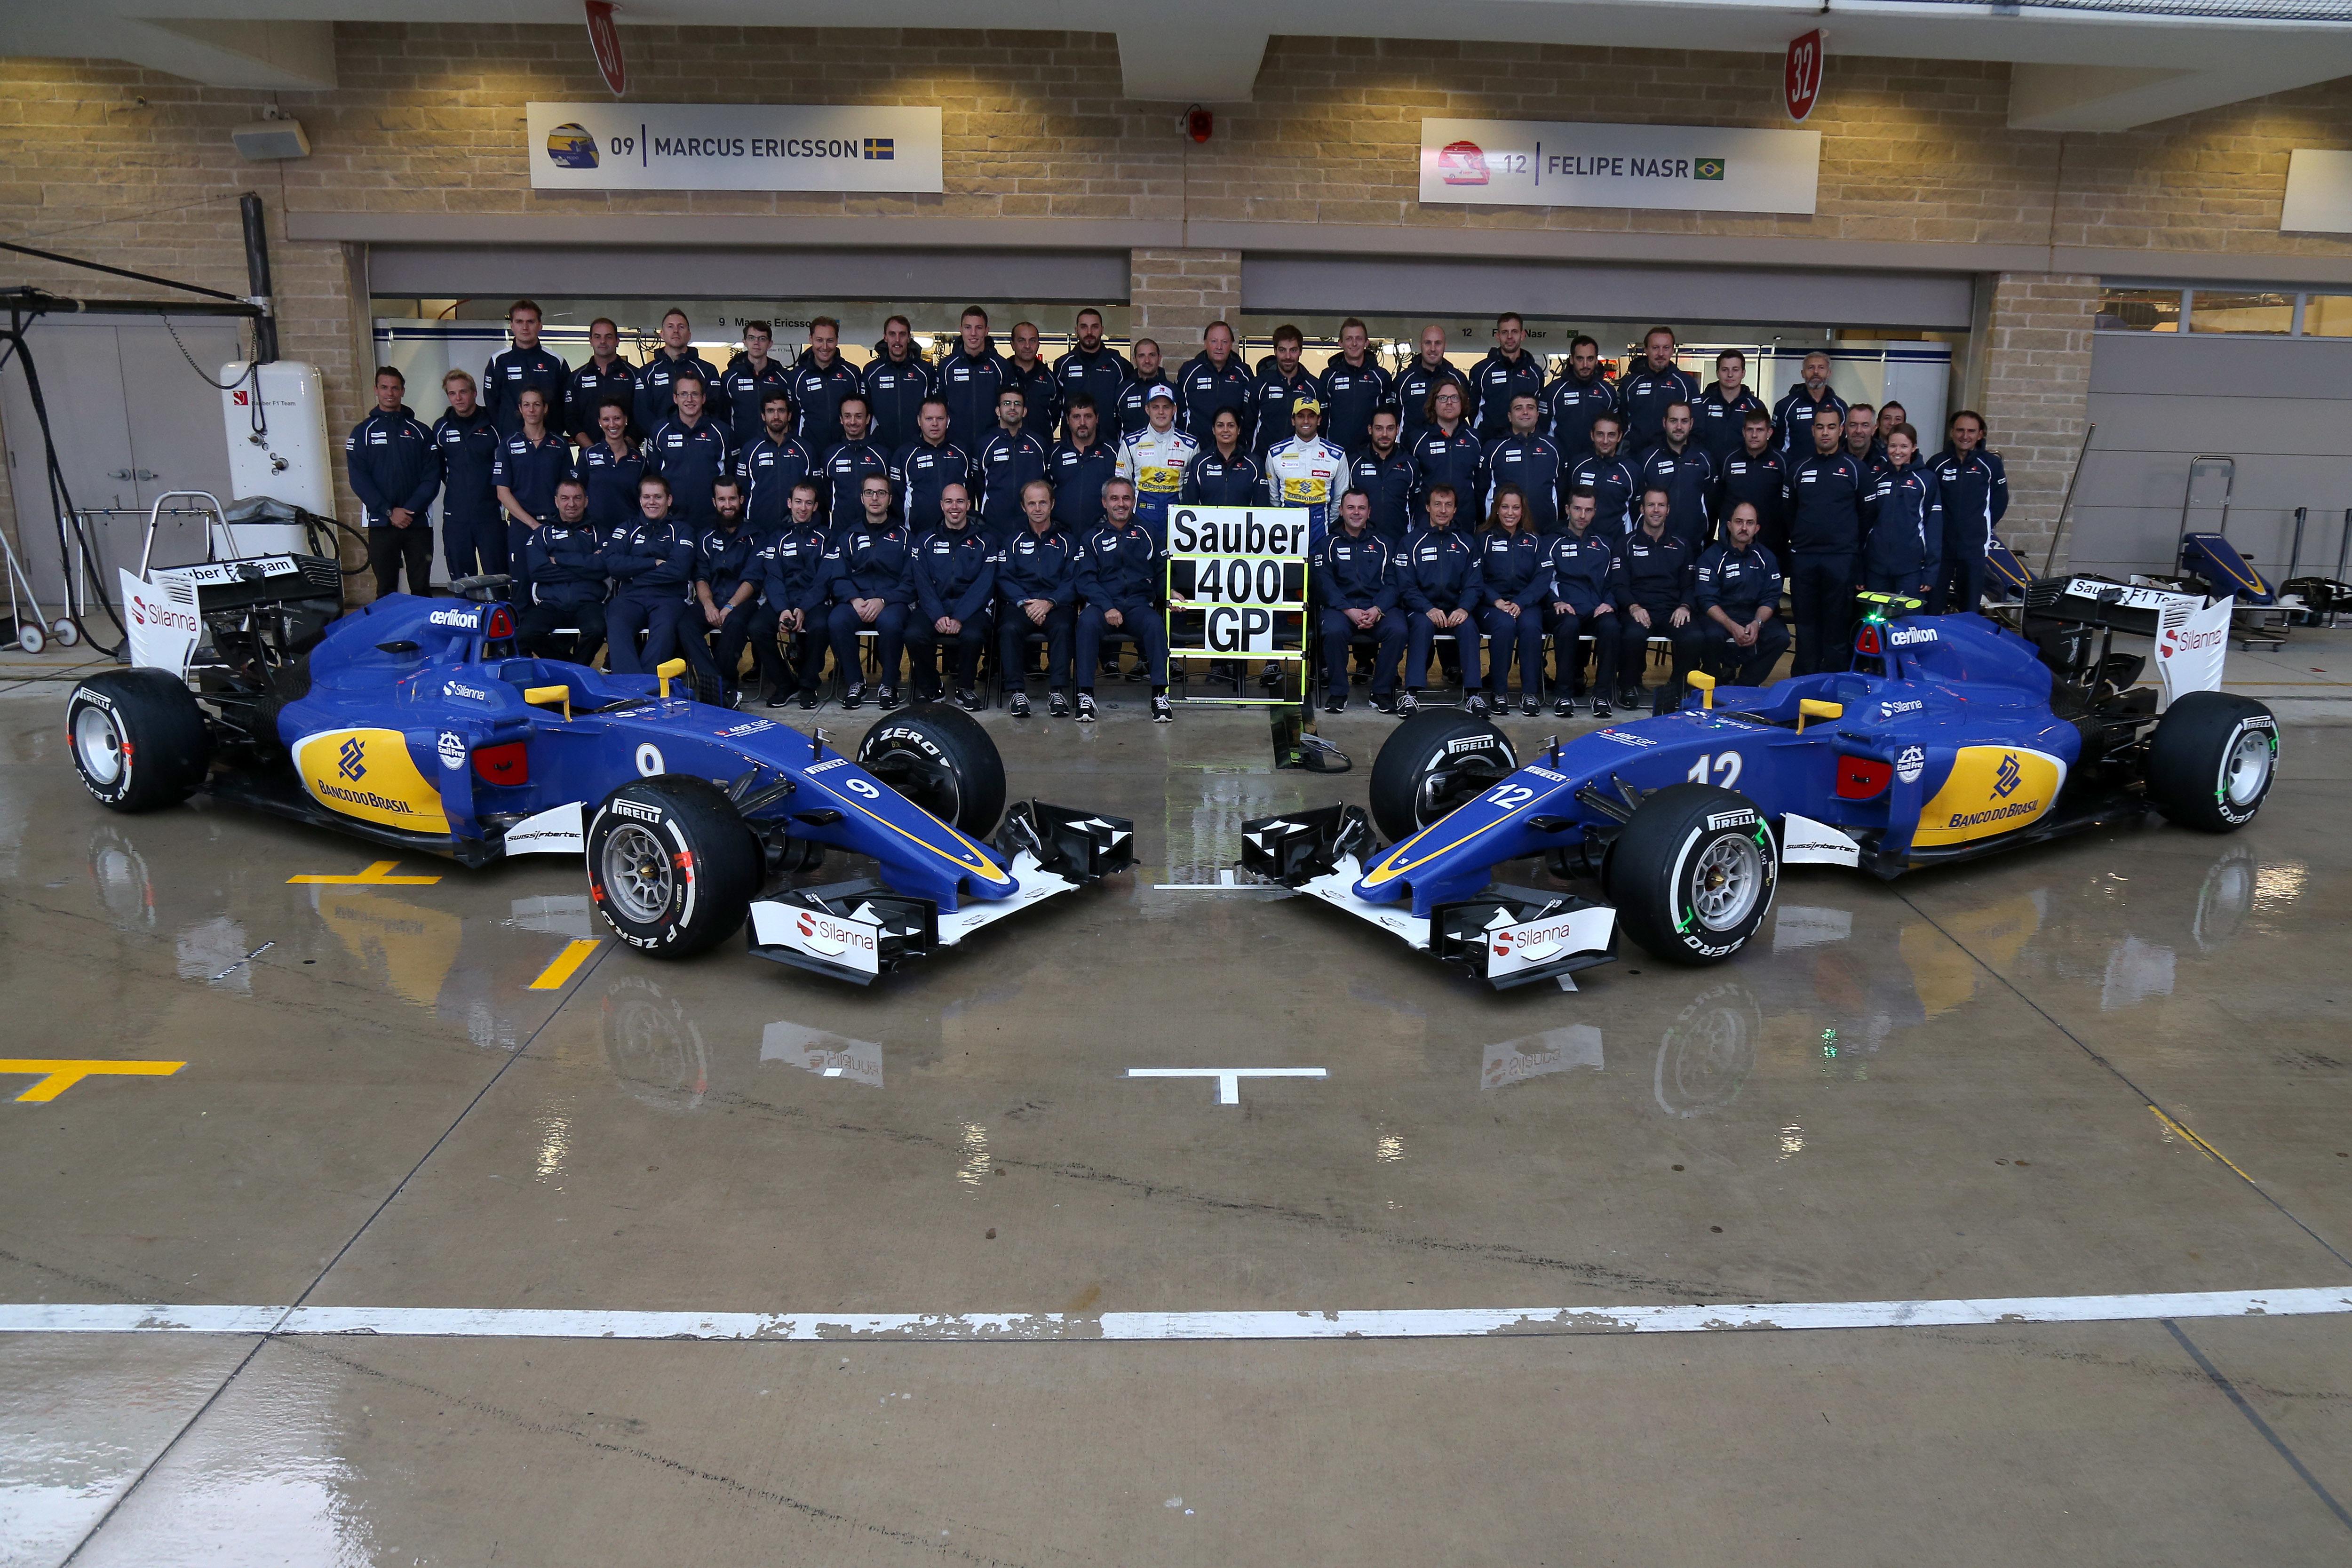 Sauber GP EE.UU. 2015 Equipo